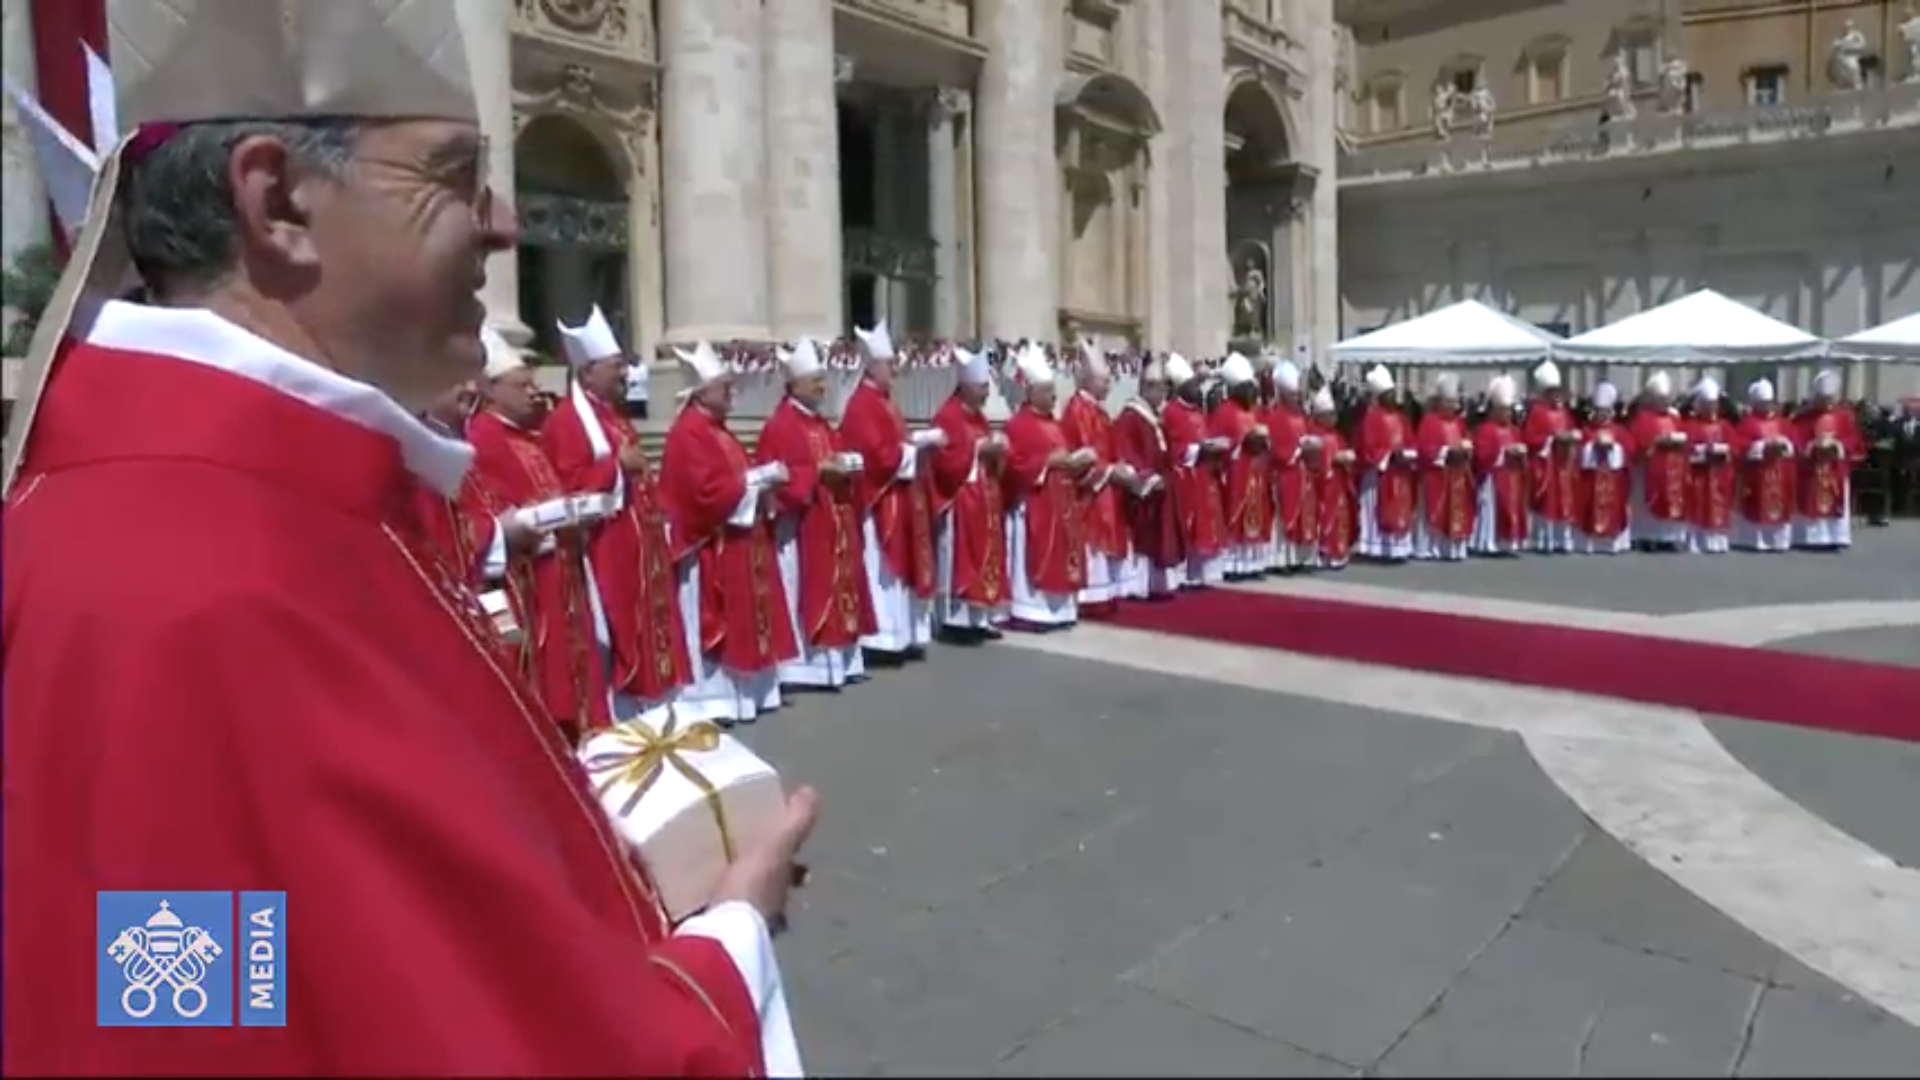 26 archevêques reçoivent le pallium 29/6/2018 capture @Vatican Media